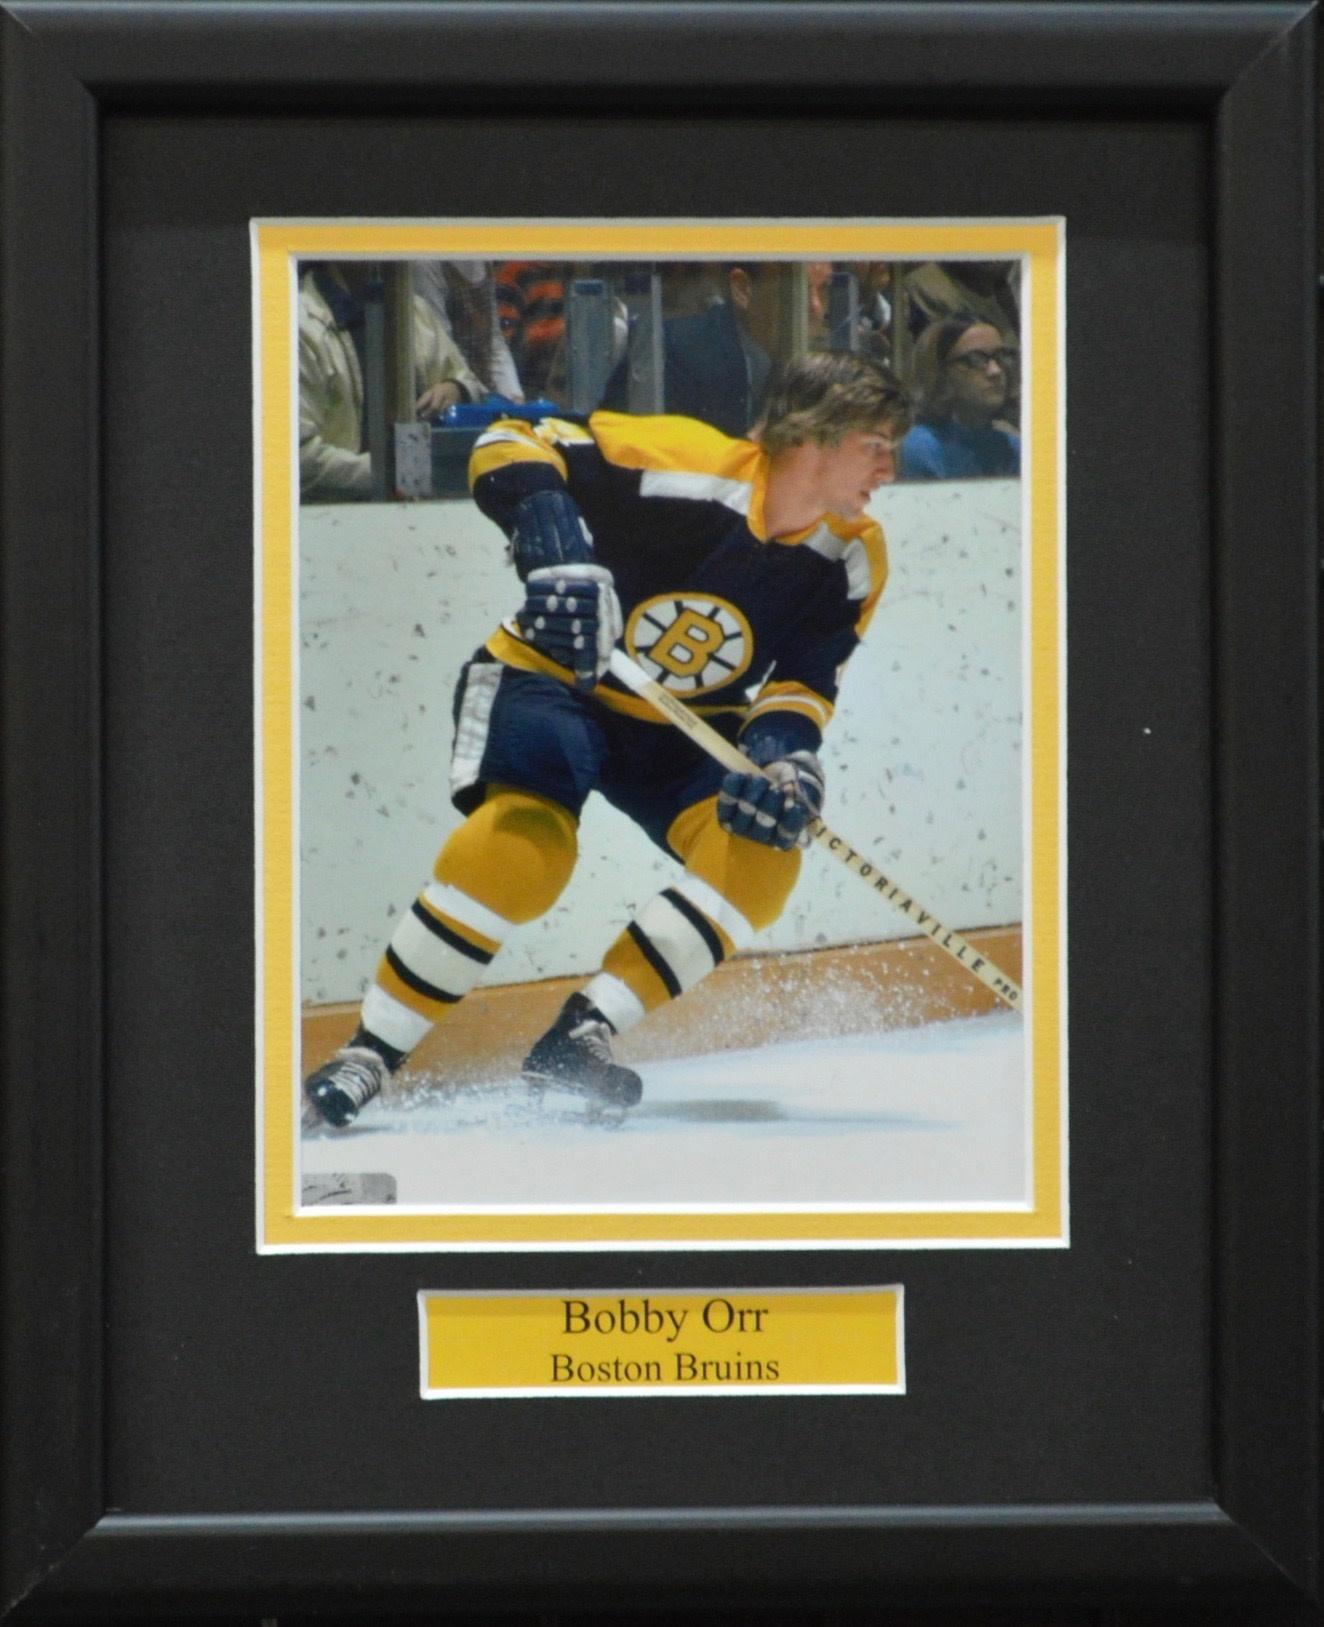 BOBBY ORR 8X10 FRAME - BOSTON BRUINS